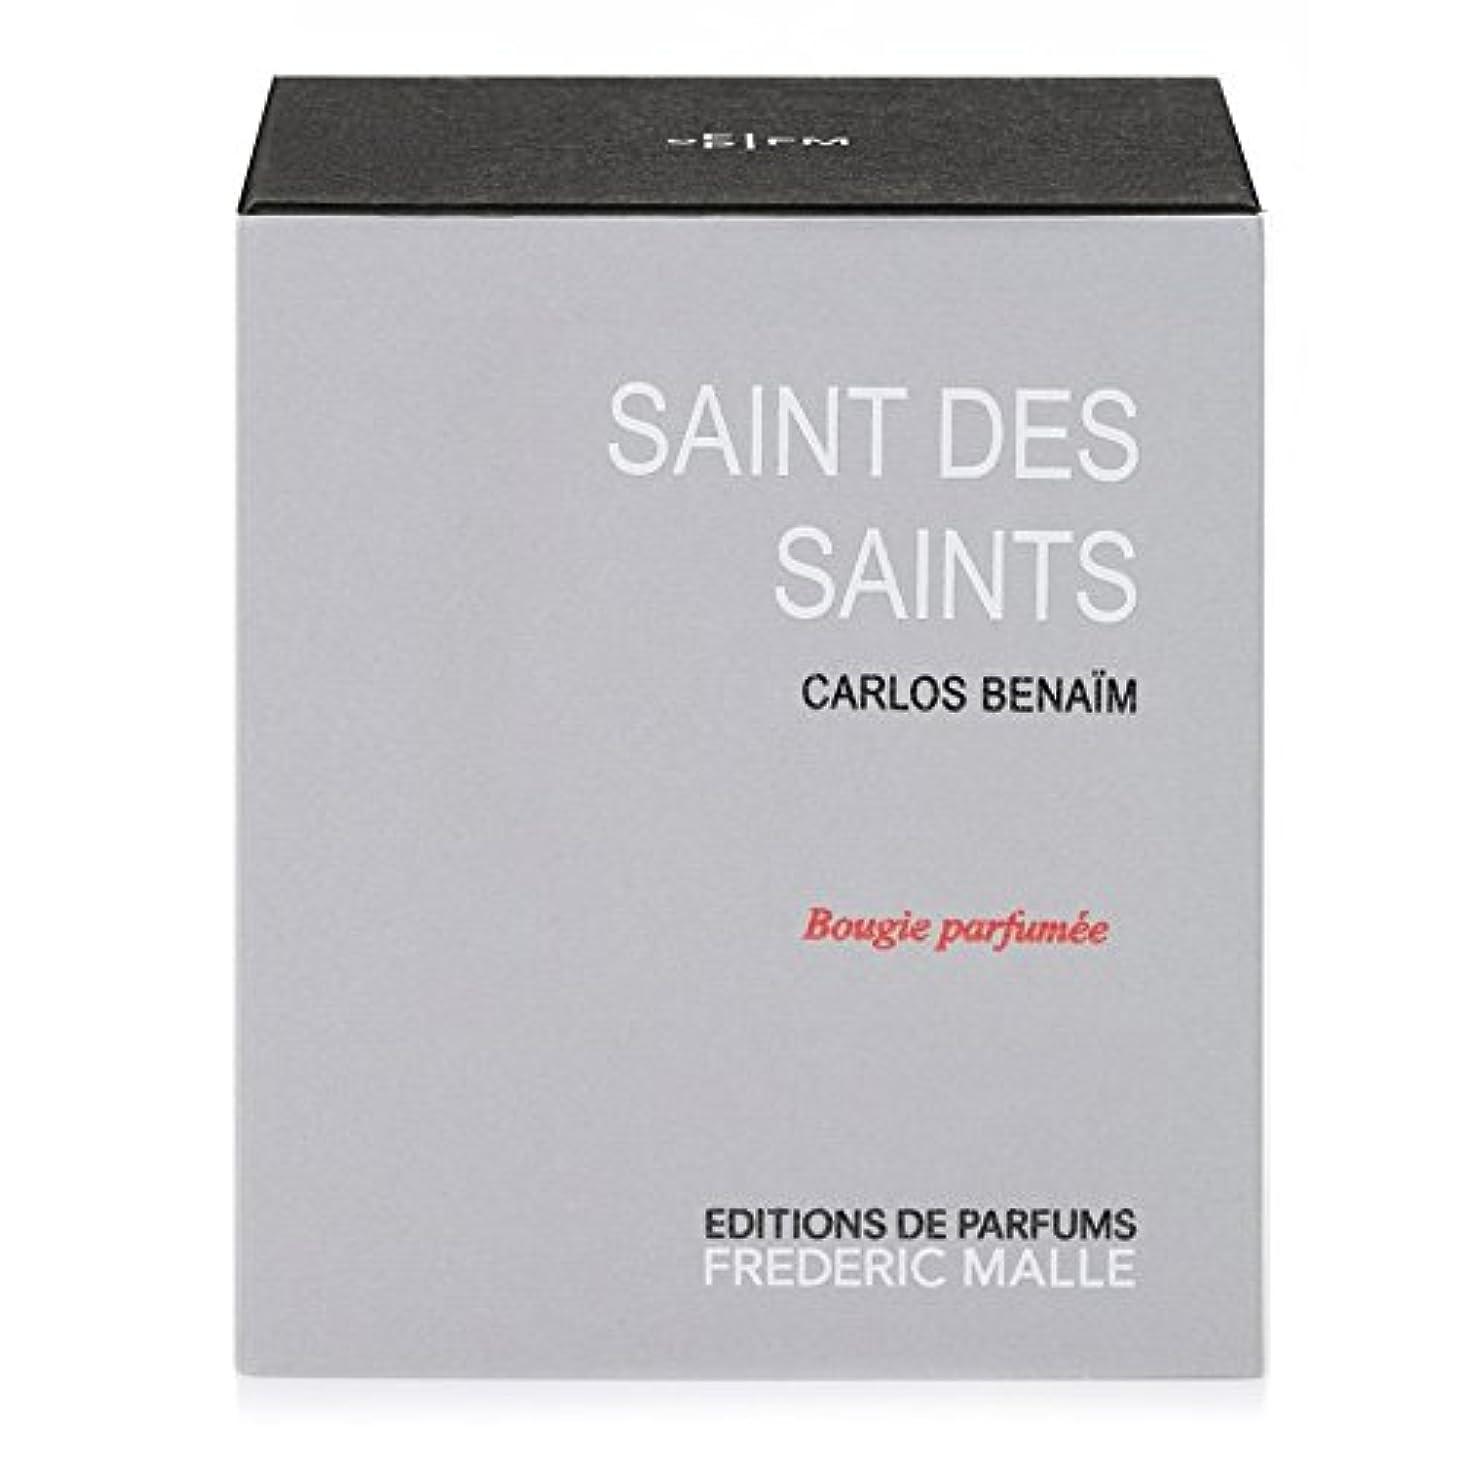 エール農村サイトFrederic Malle Saint Des Saints Scented Candle 220g (Pack of 4) - フレデリック?マル聖人デ聖人の香りのキャンドル220グラム x4 [並行輸入品]